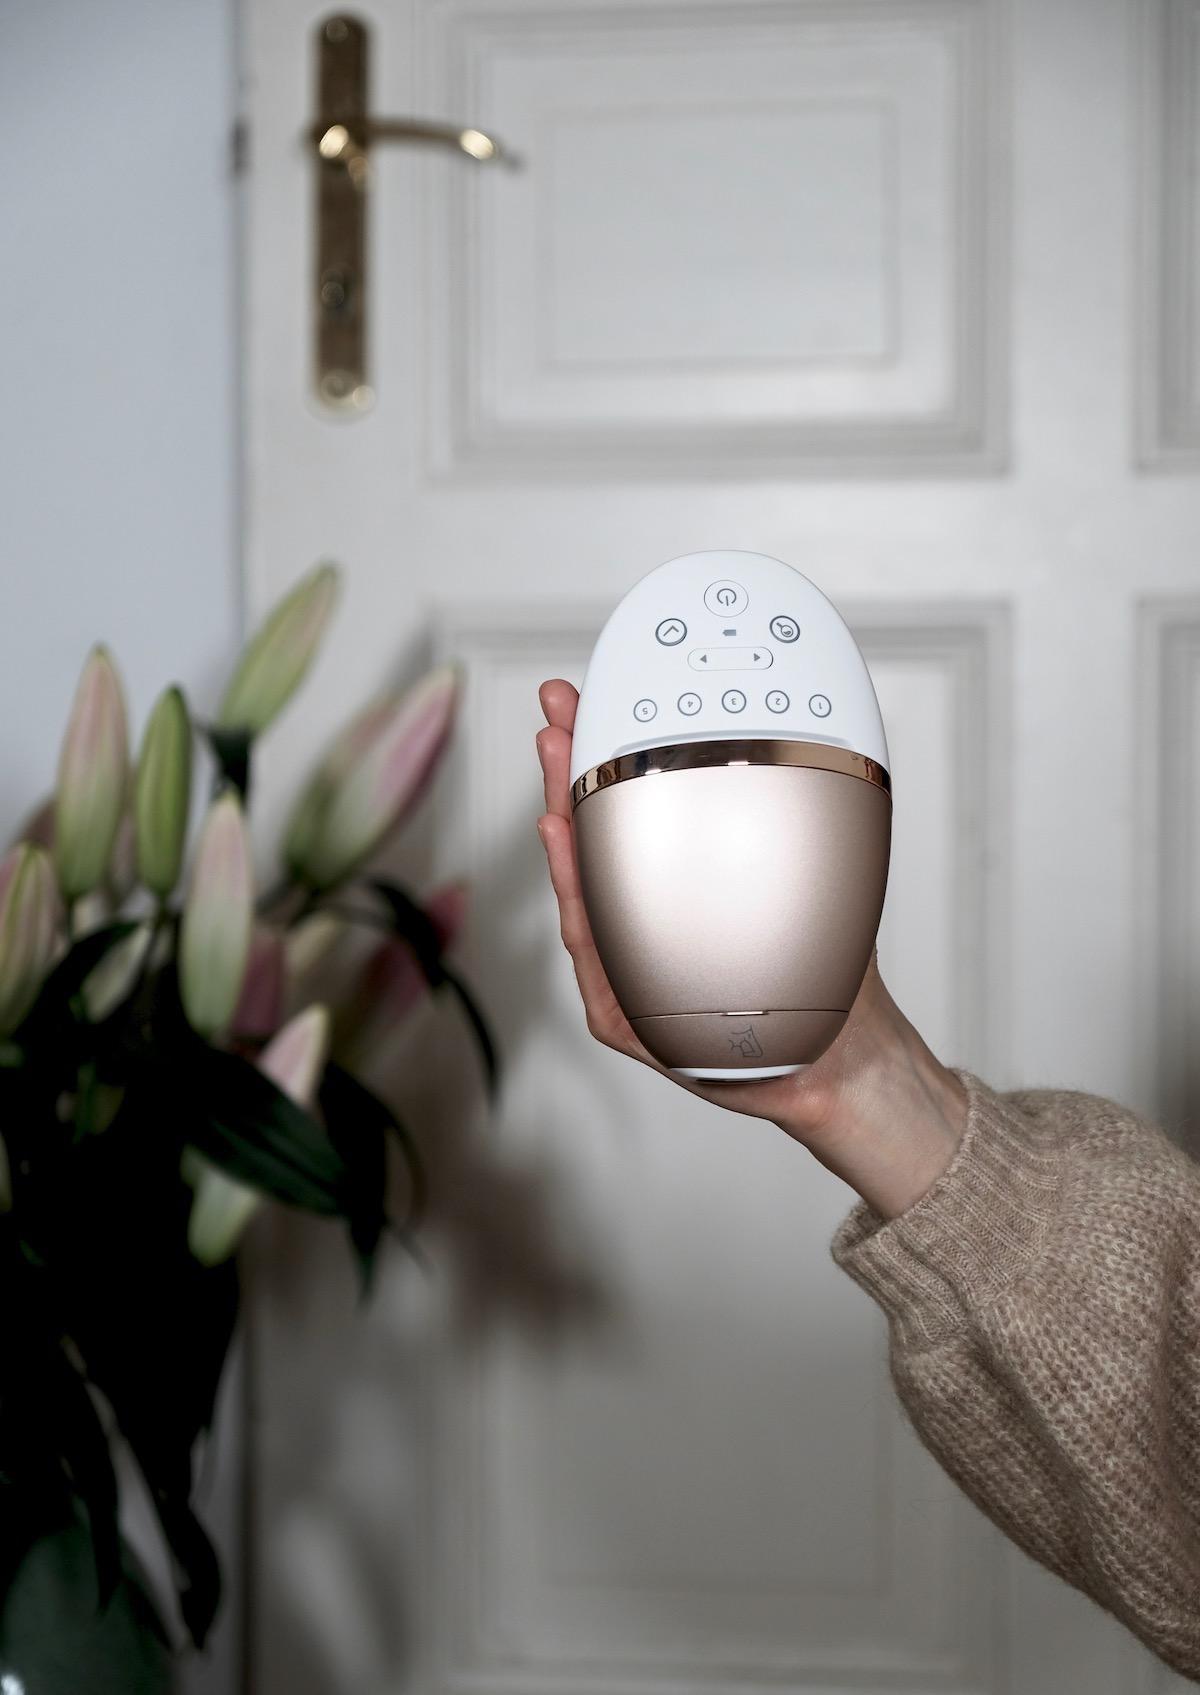 Beautyblog Beautyblogger BARE MINDS Elina Neumann Erfahrungsbericht Philips Lumea Review 5